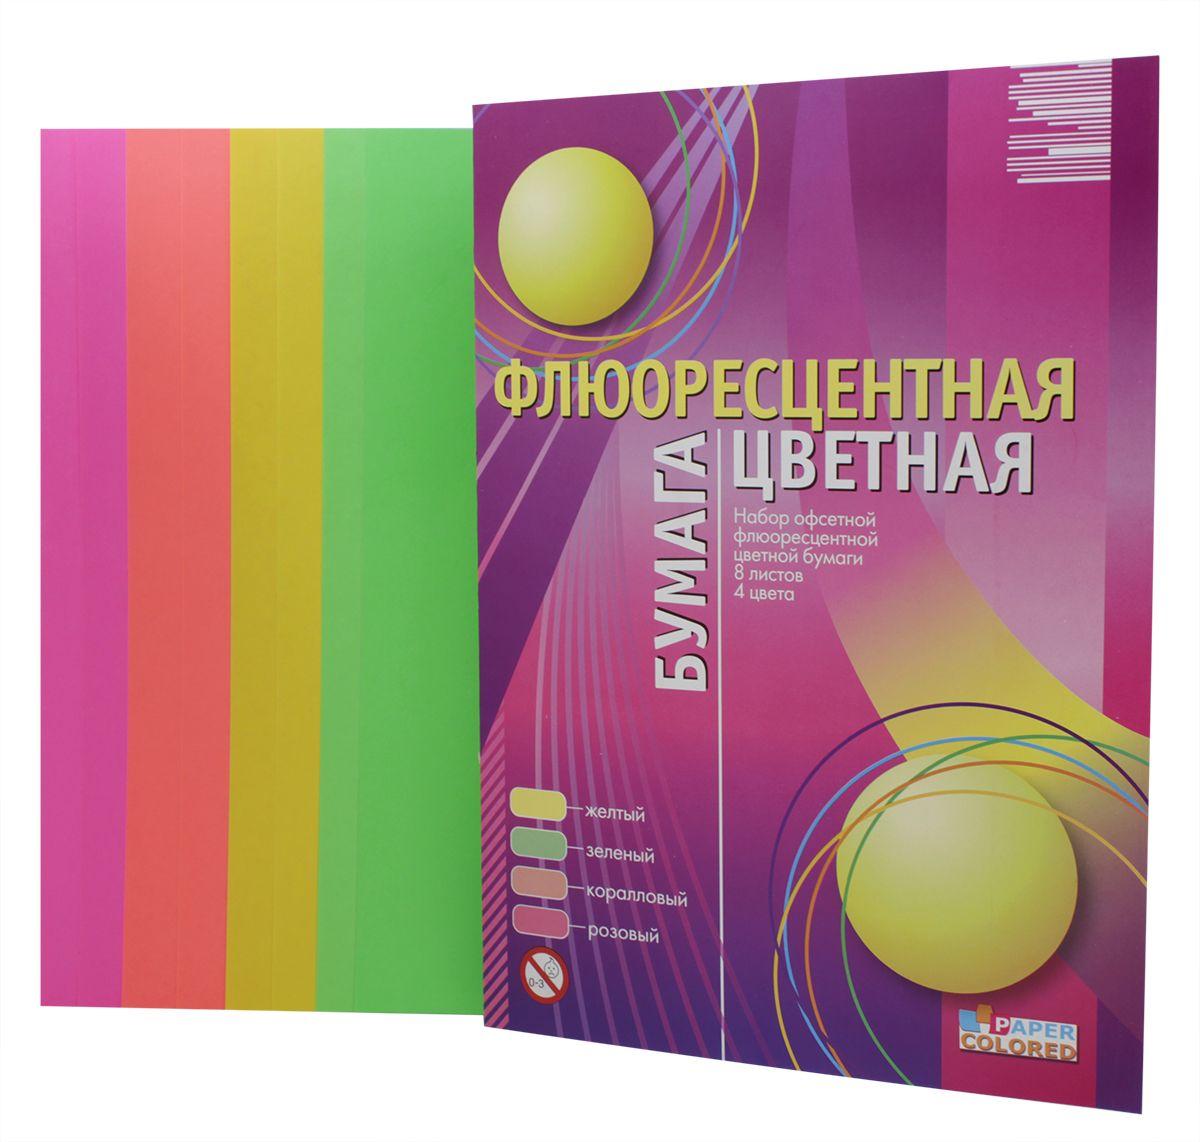 Бриз Бумага цветная флуоресцентная 8 листов 4 цвета1124-500Флуоресцентнаяцветная бумага Бриз формата А4 для создания альбомов, фоторамок, открыток и прочего, собственными руками. Позволит вашему ребенку совершенствовать свои творческие навыки и приобретать творческий подход к решению некоторых задач. Структура бумаги позволяет разрисовывать поверхность на свой вкус. Такой набор бумаги прекрасное решение для начальной школы.